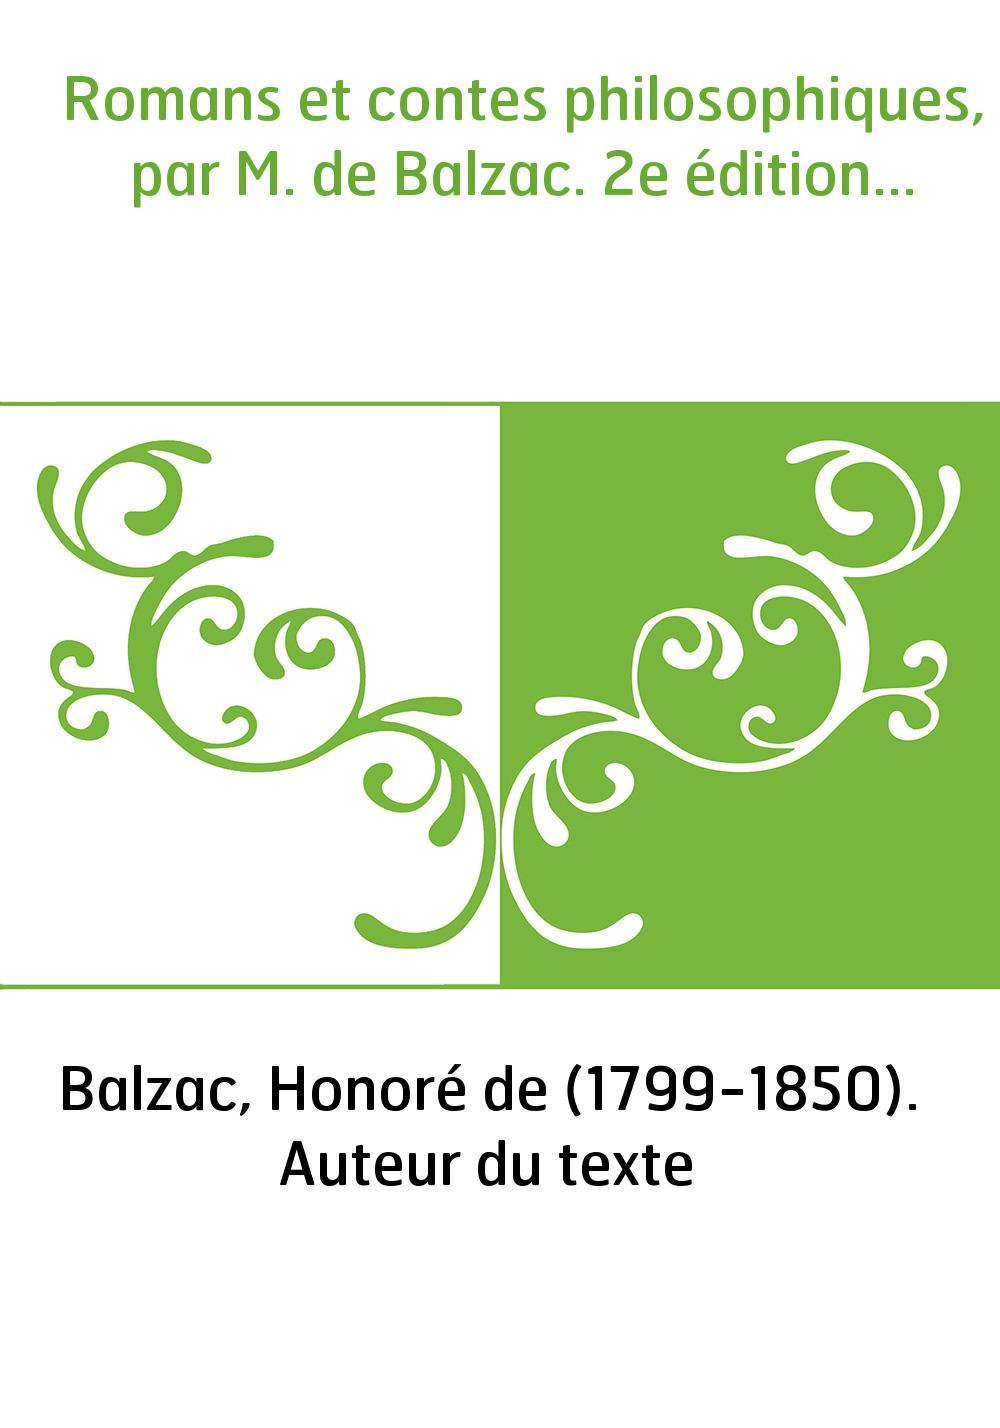 Romans et contes philosophiques, par M. de Balzac. 2e édition...